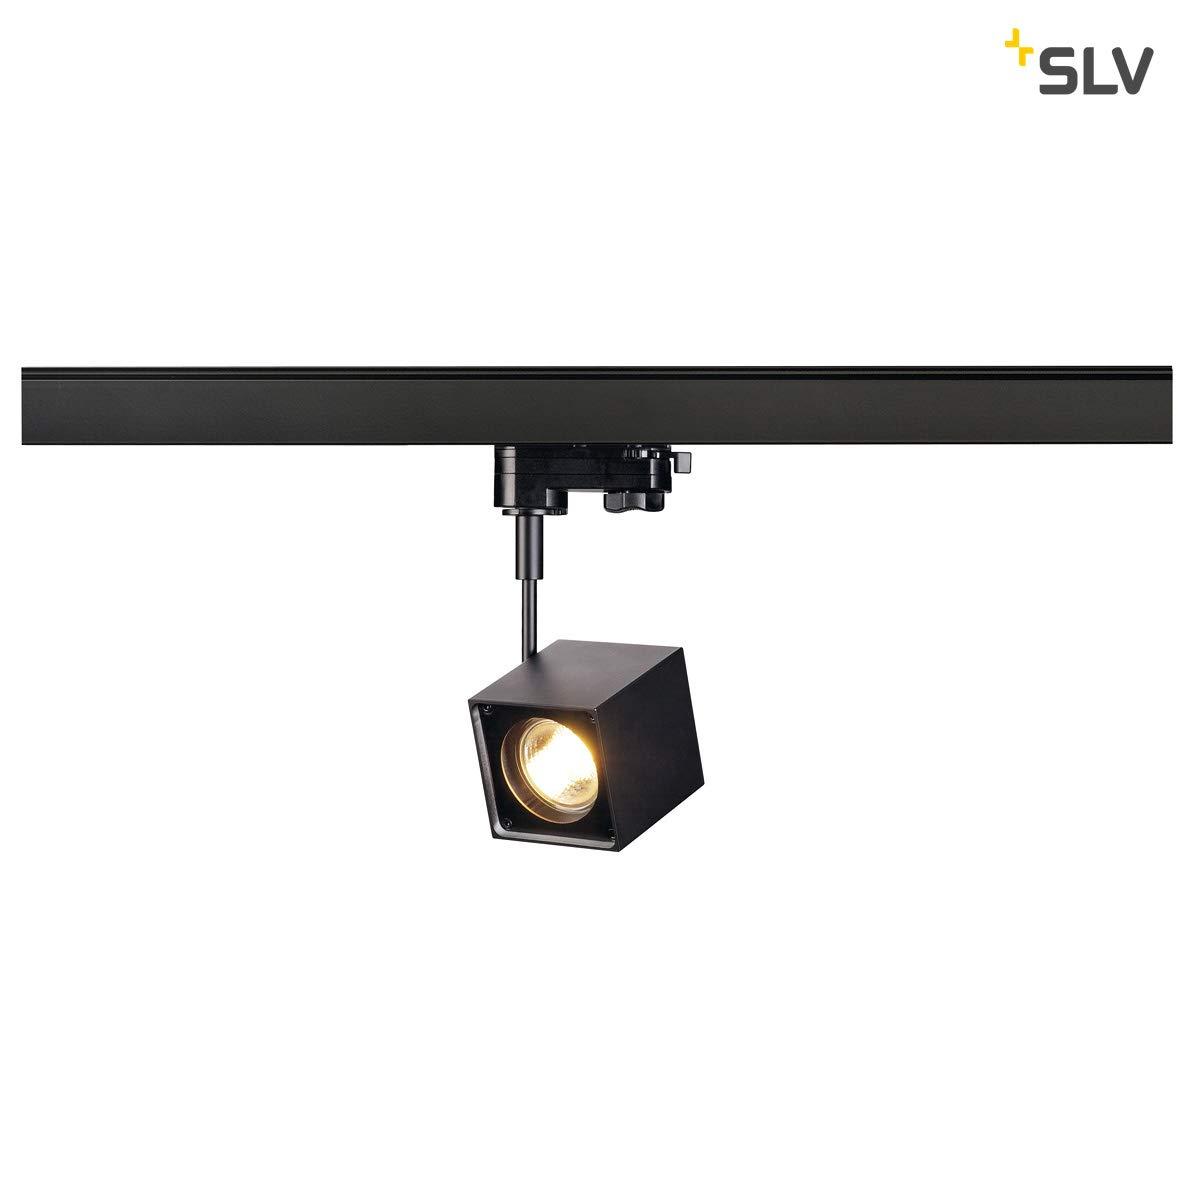 slv binario  SLV, Faretto per illuminazione su binario, forma quadrata, incl ...